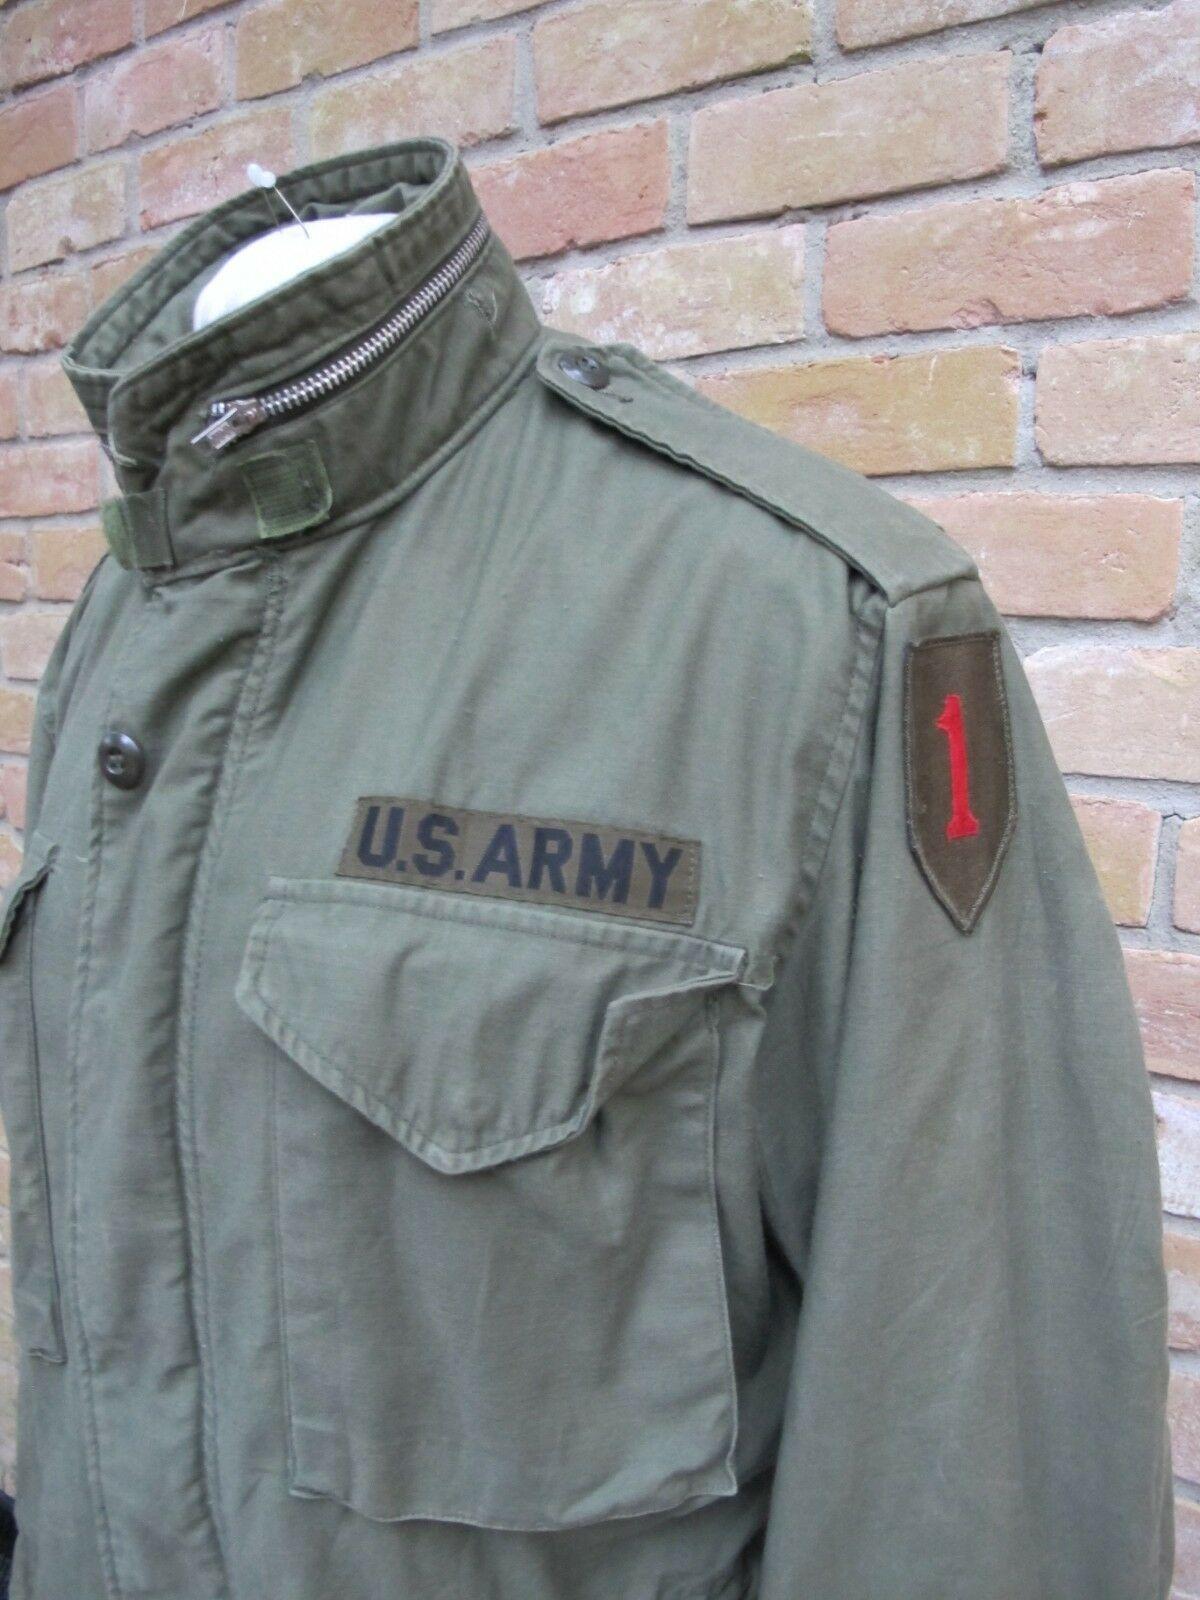 82nd Airborne Division Devon and Jones 3 Season Jacket